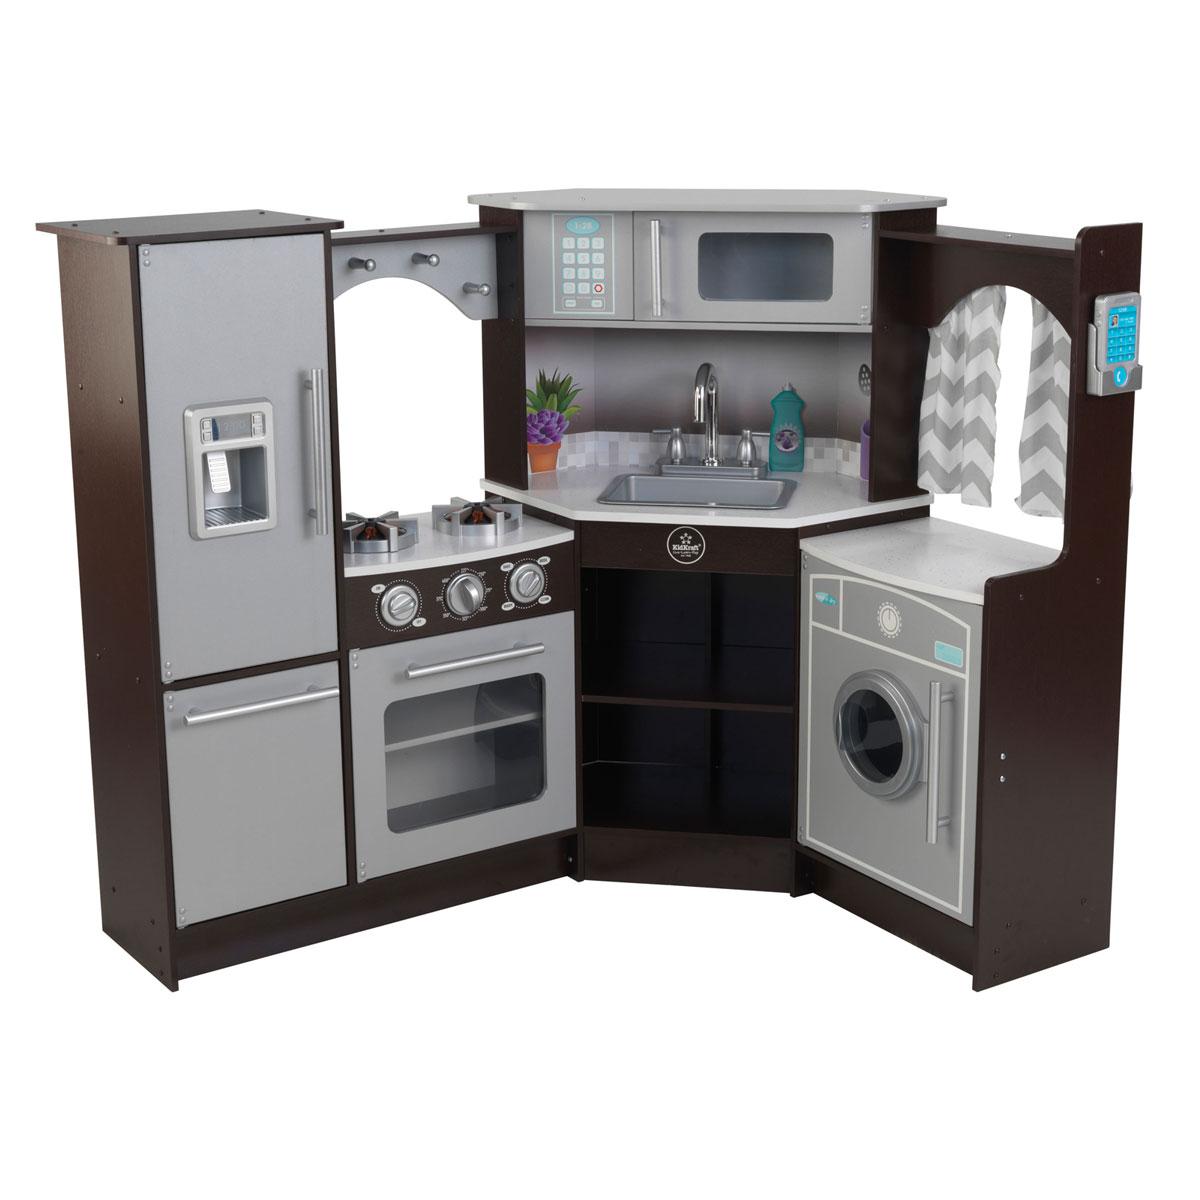 KidKraft La Cocina Definitiva para esquinas - 53365